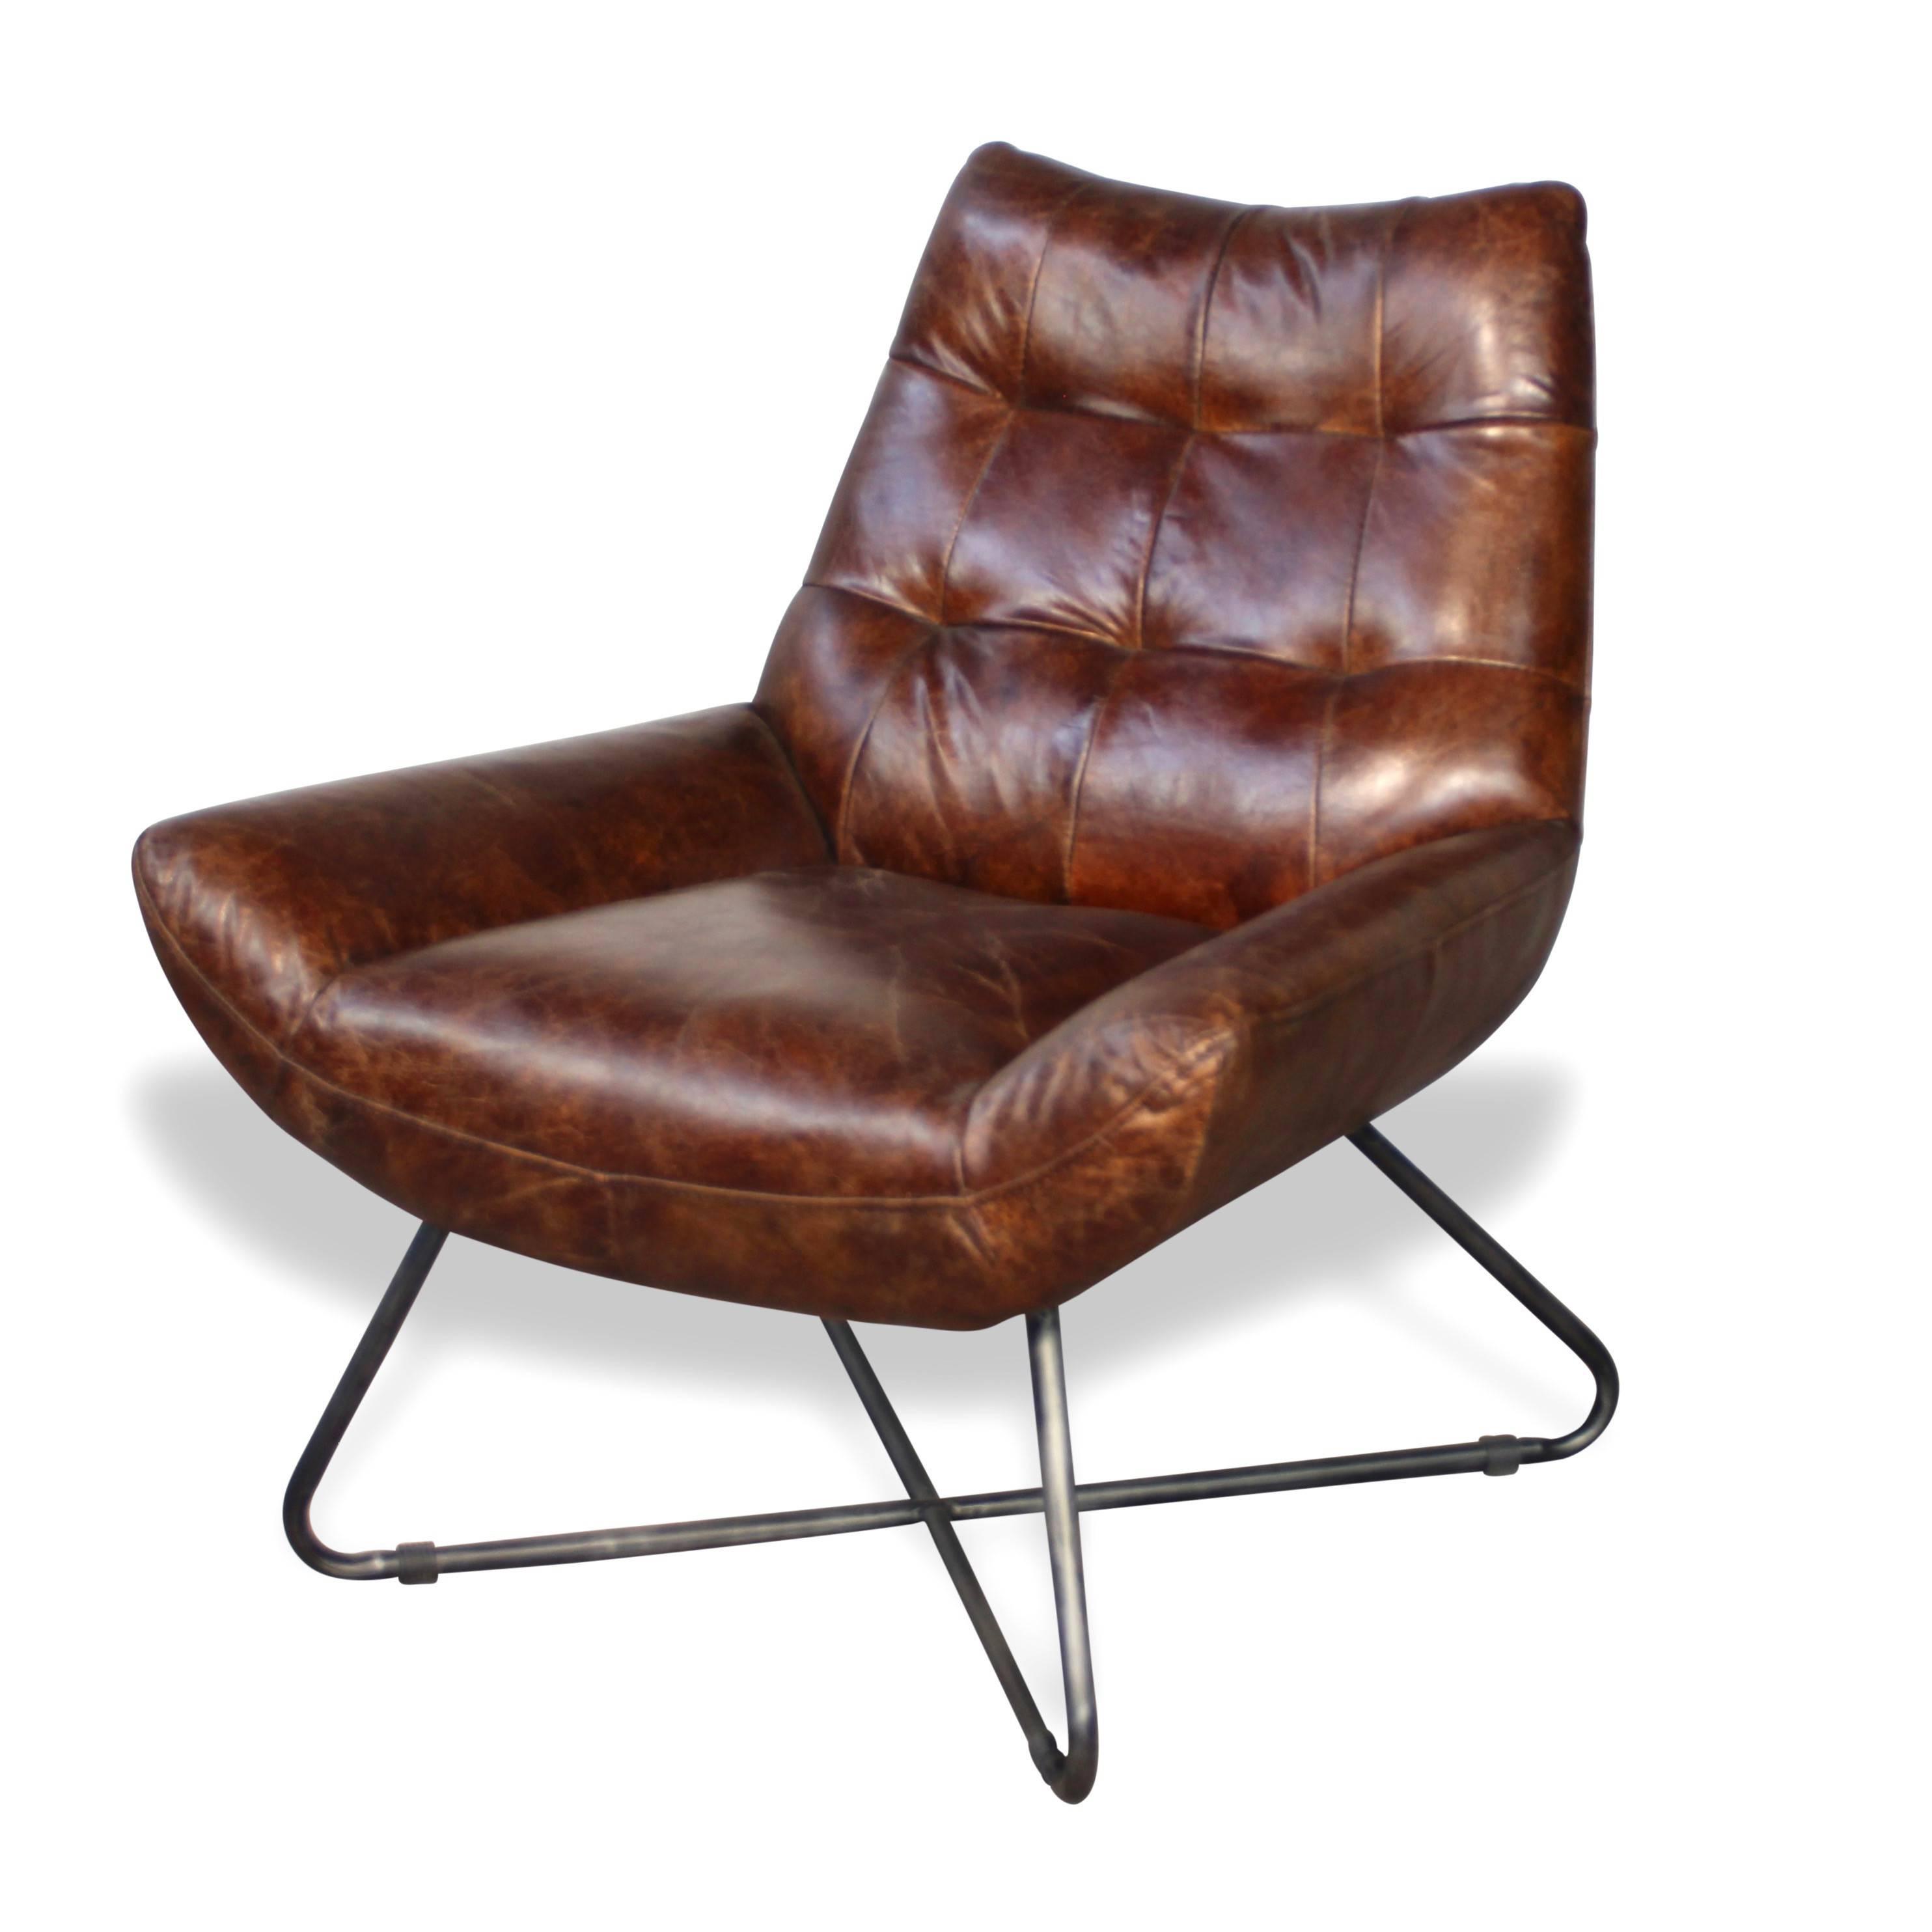 Design Siebziger Sessel In Vintage Braun Leder Und Metall